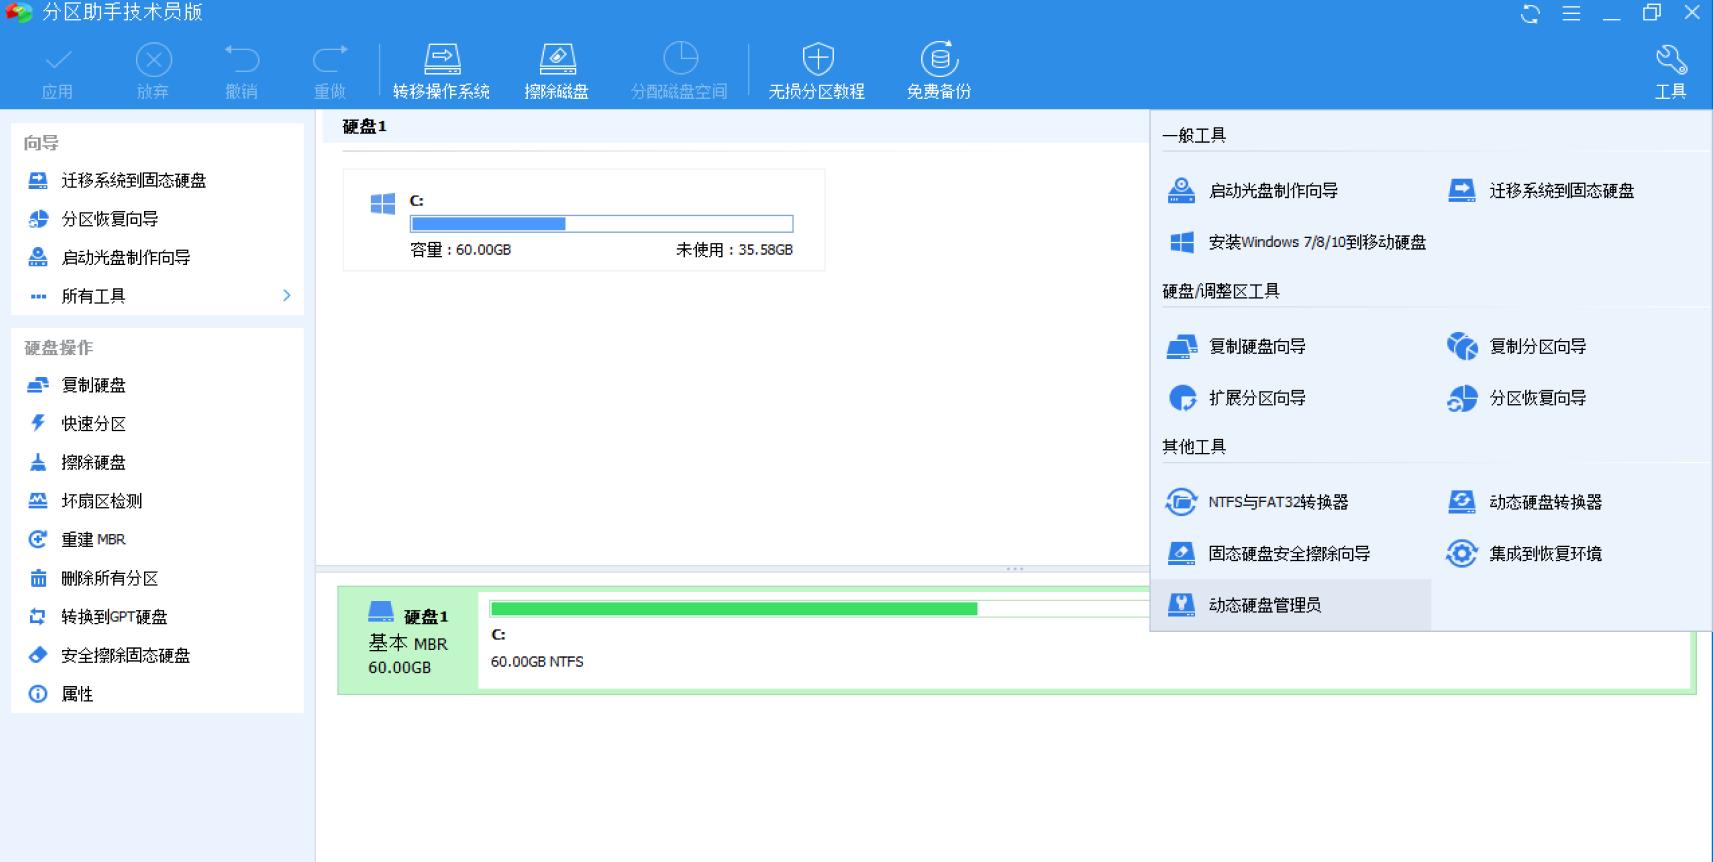 磁盘分区工具:傲梅分区助手单文件企业版 v8